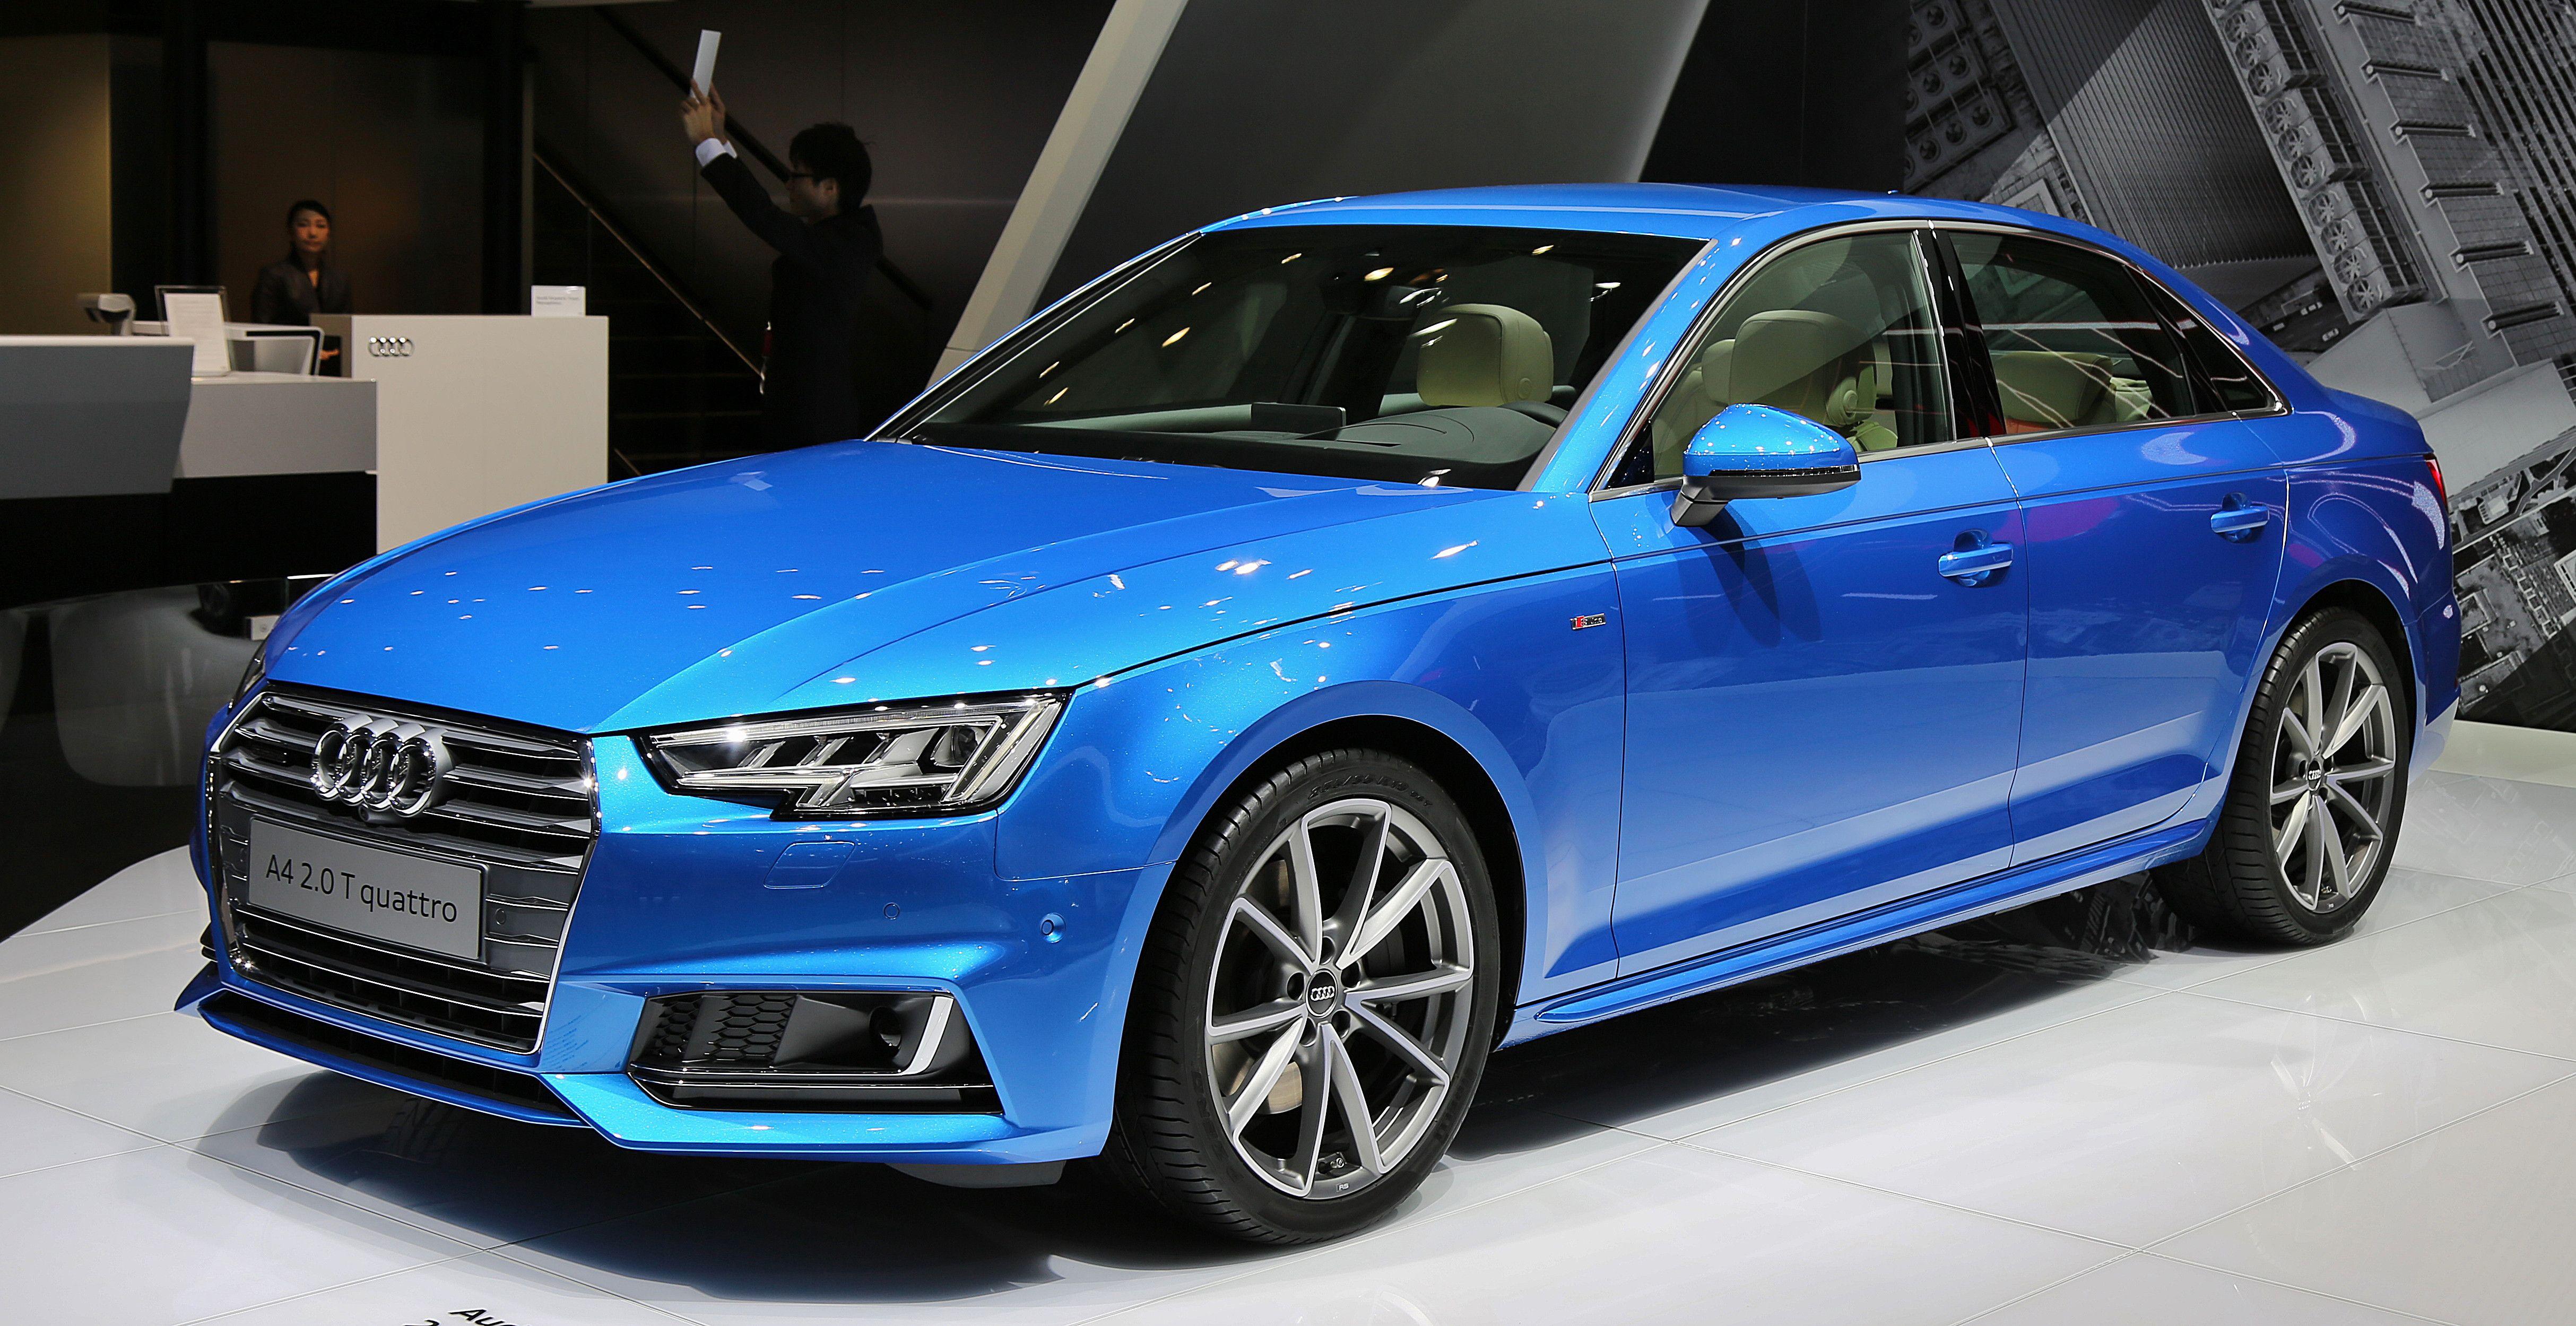 Used Audi A4 for Sale in Dubai - UAE